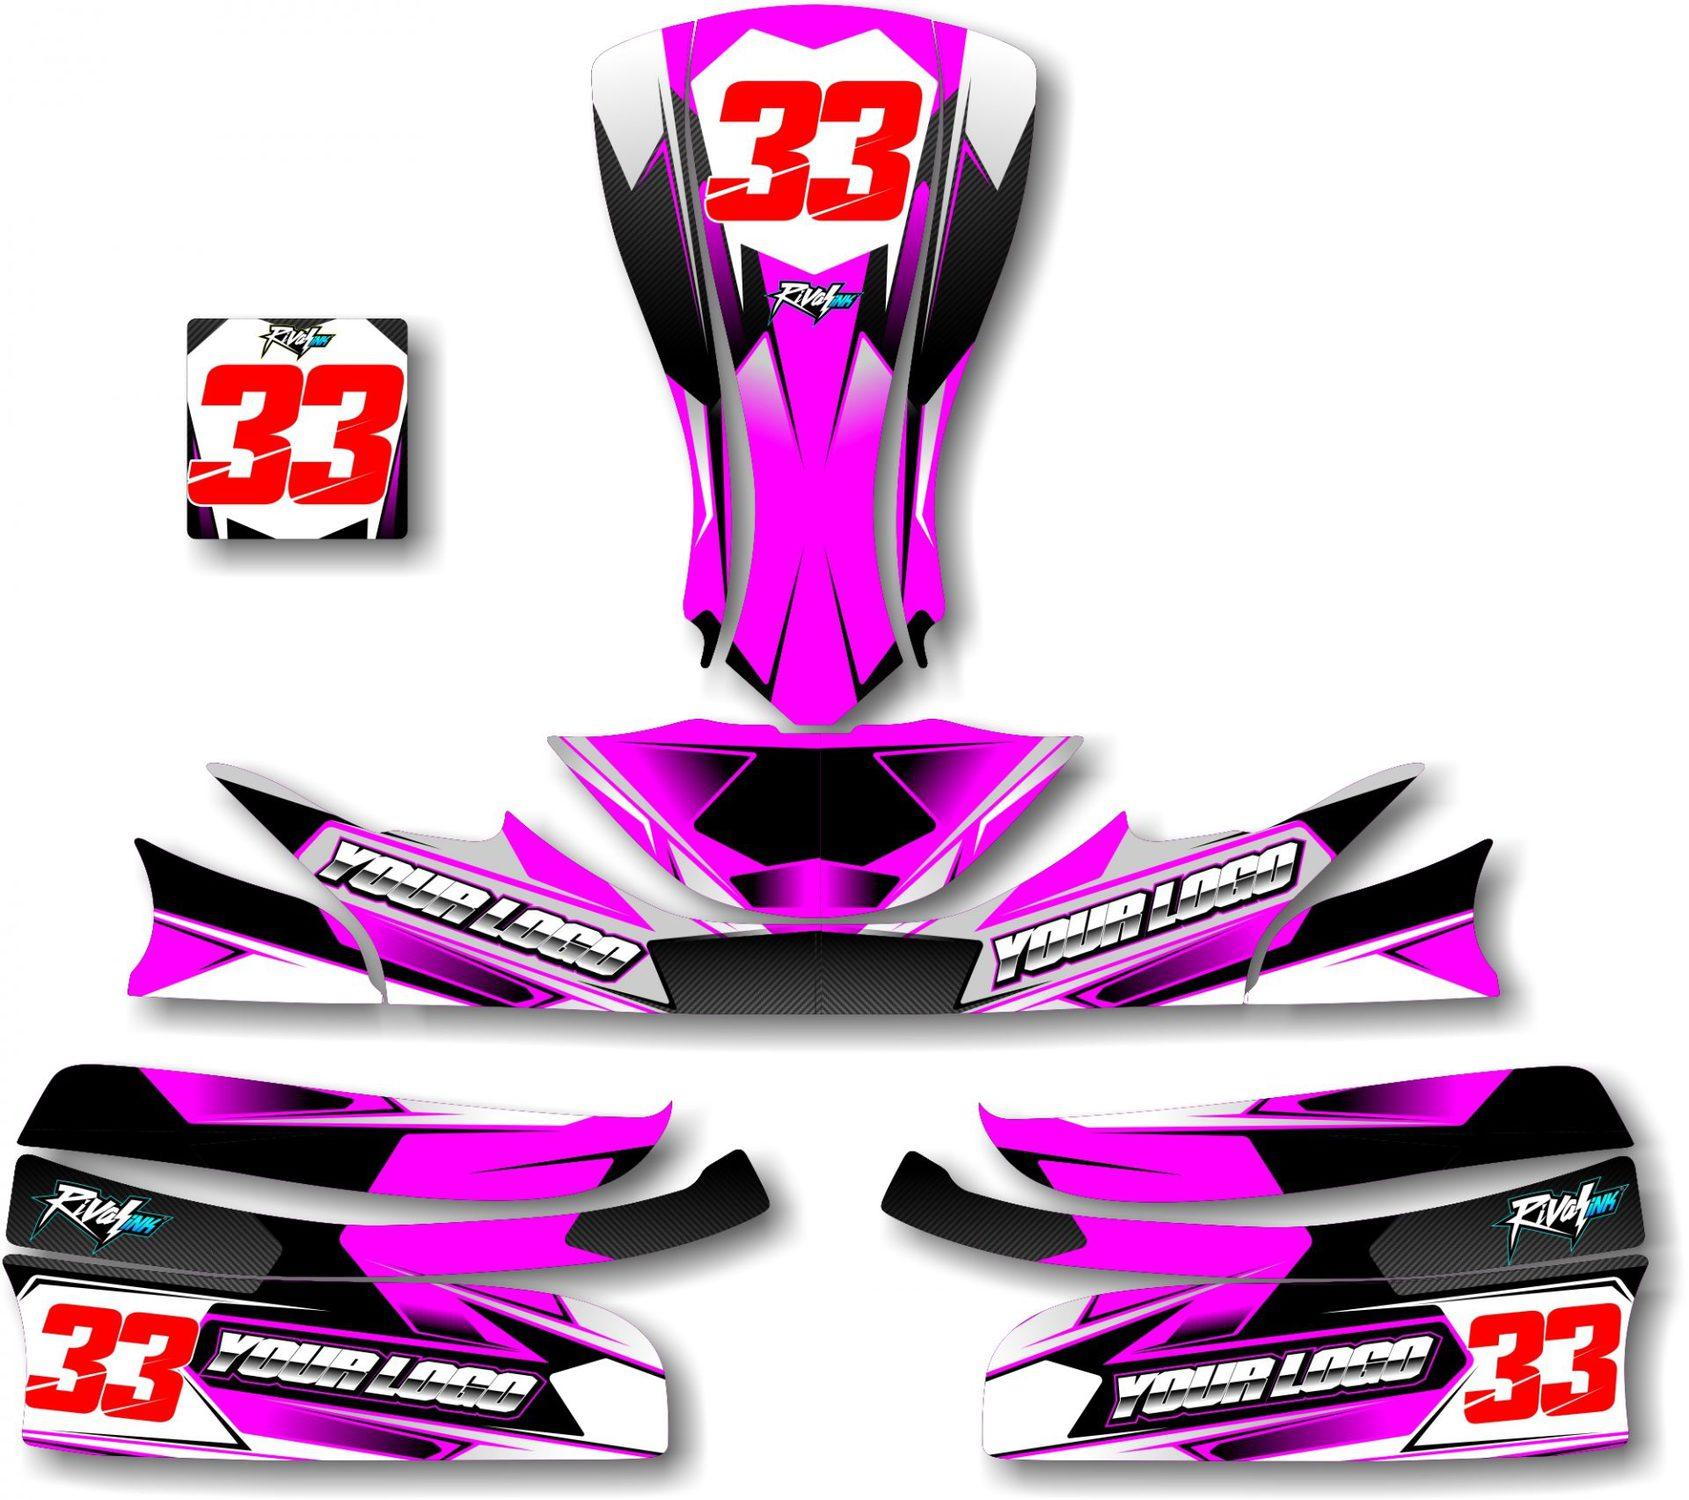 Go Kart Graphic Designs